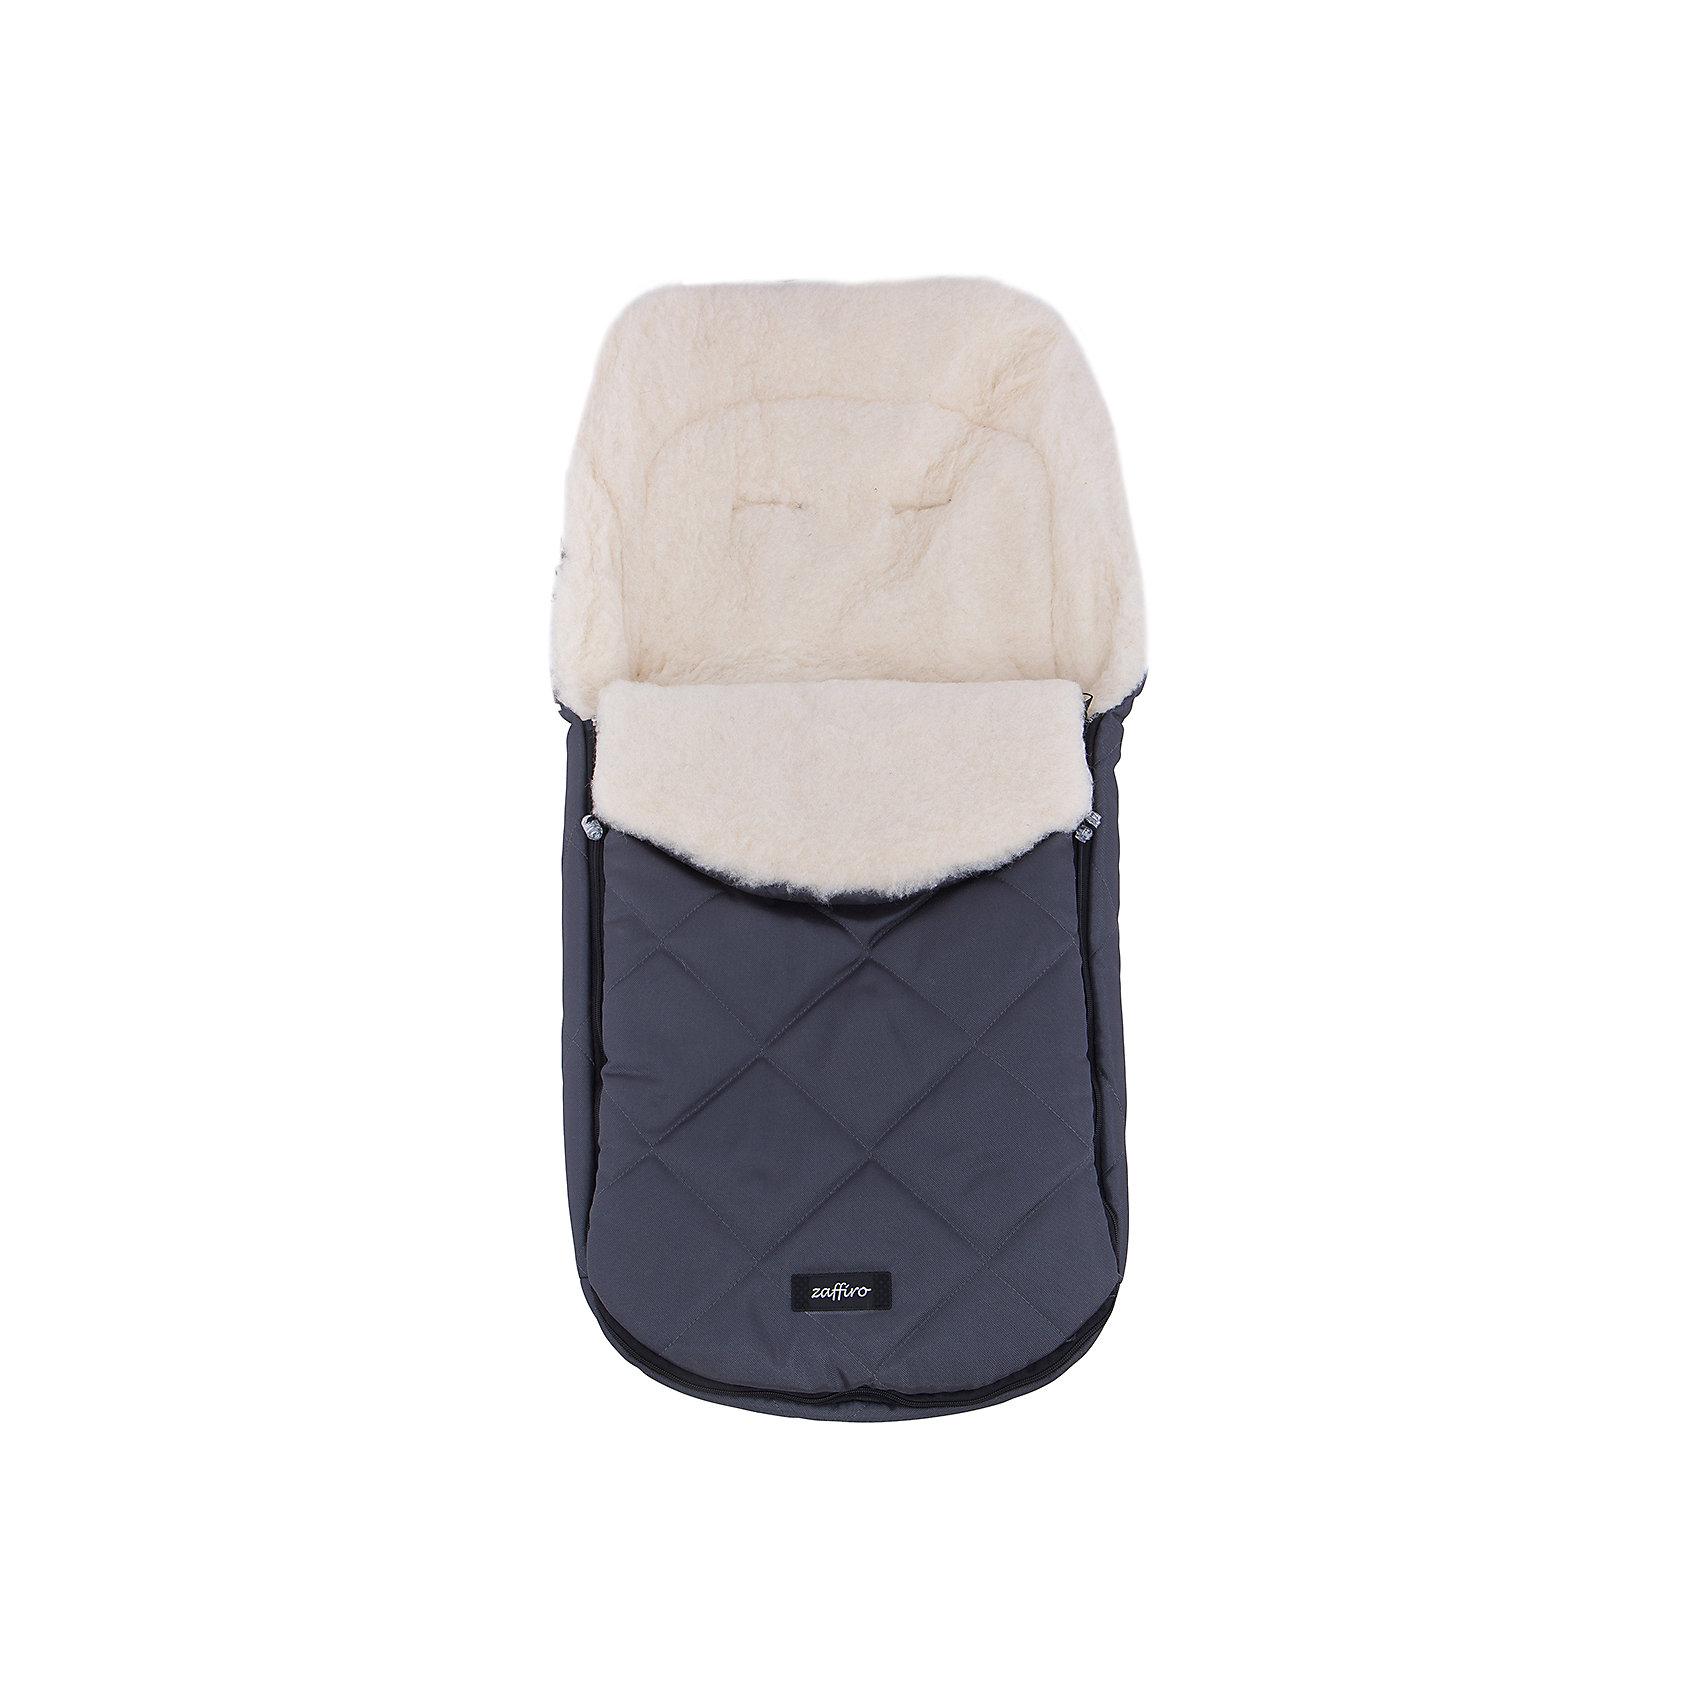 Конверт зимний №61 Exclusive, 95*50, шерсть, Womar, графитЗимние конверты<br>Конверт зимний №61 Exclusive, 95*50, шерсть, Womar, графит – эксклюзивная защита от холода для вашего малыша.<br>Внутри конверта мягкий мех, изготовленный из овчины. Этот материал не вызывает аллергии и безопасен для нежной кожи малыша. Верхняя часть непромокаемая, грязеотталкивающая и не продувается. Также ее можно отстегнуть. Сверху есть шнурок, который можно стянуть как капюшон. Конверт подходит к большинству колясок. Стирать при температуре 30 градусов, не отжимать и не гладить. Есть отверстия для пятиточечного ремня безопасности. <br><br>Дополнительная информация:<br><br>- материал: внутренняя часть – натуральная овечья шерсть, внешняя – 100% полиэстер<br>- размер: 95х50 см<br>- цвет: графит<br><br>Конверт зимний №61 Exclusive, 95*50, шерсть, Womar, графит можно купить в нашем интернет магазине.<br><br>Ширина мм: 950<br>Глубина мм: 500<br>Высота мм: 100<br>Вес г: 500<br>Возраст от месяцев: 0<br>Возраст до месяцев: 12<br>Пол: Унисекс<br>Возраст: Детский<br>SKU: 4981796